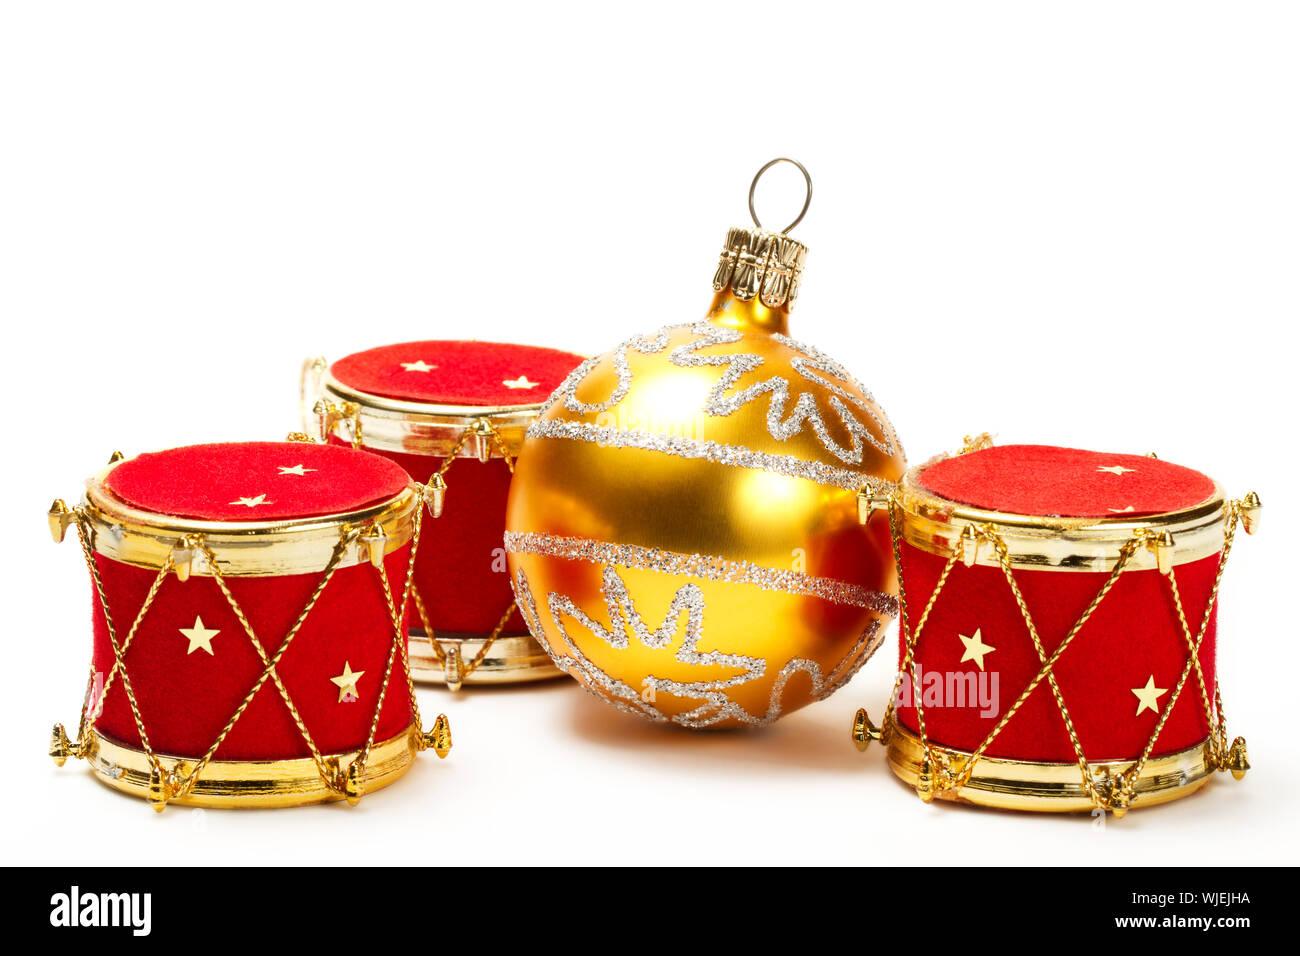 Christmas Drum.Xmas Drum Stock Photos Xmas Drum Stock Images Alamy